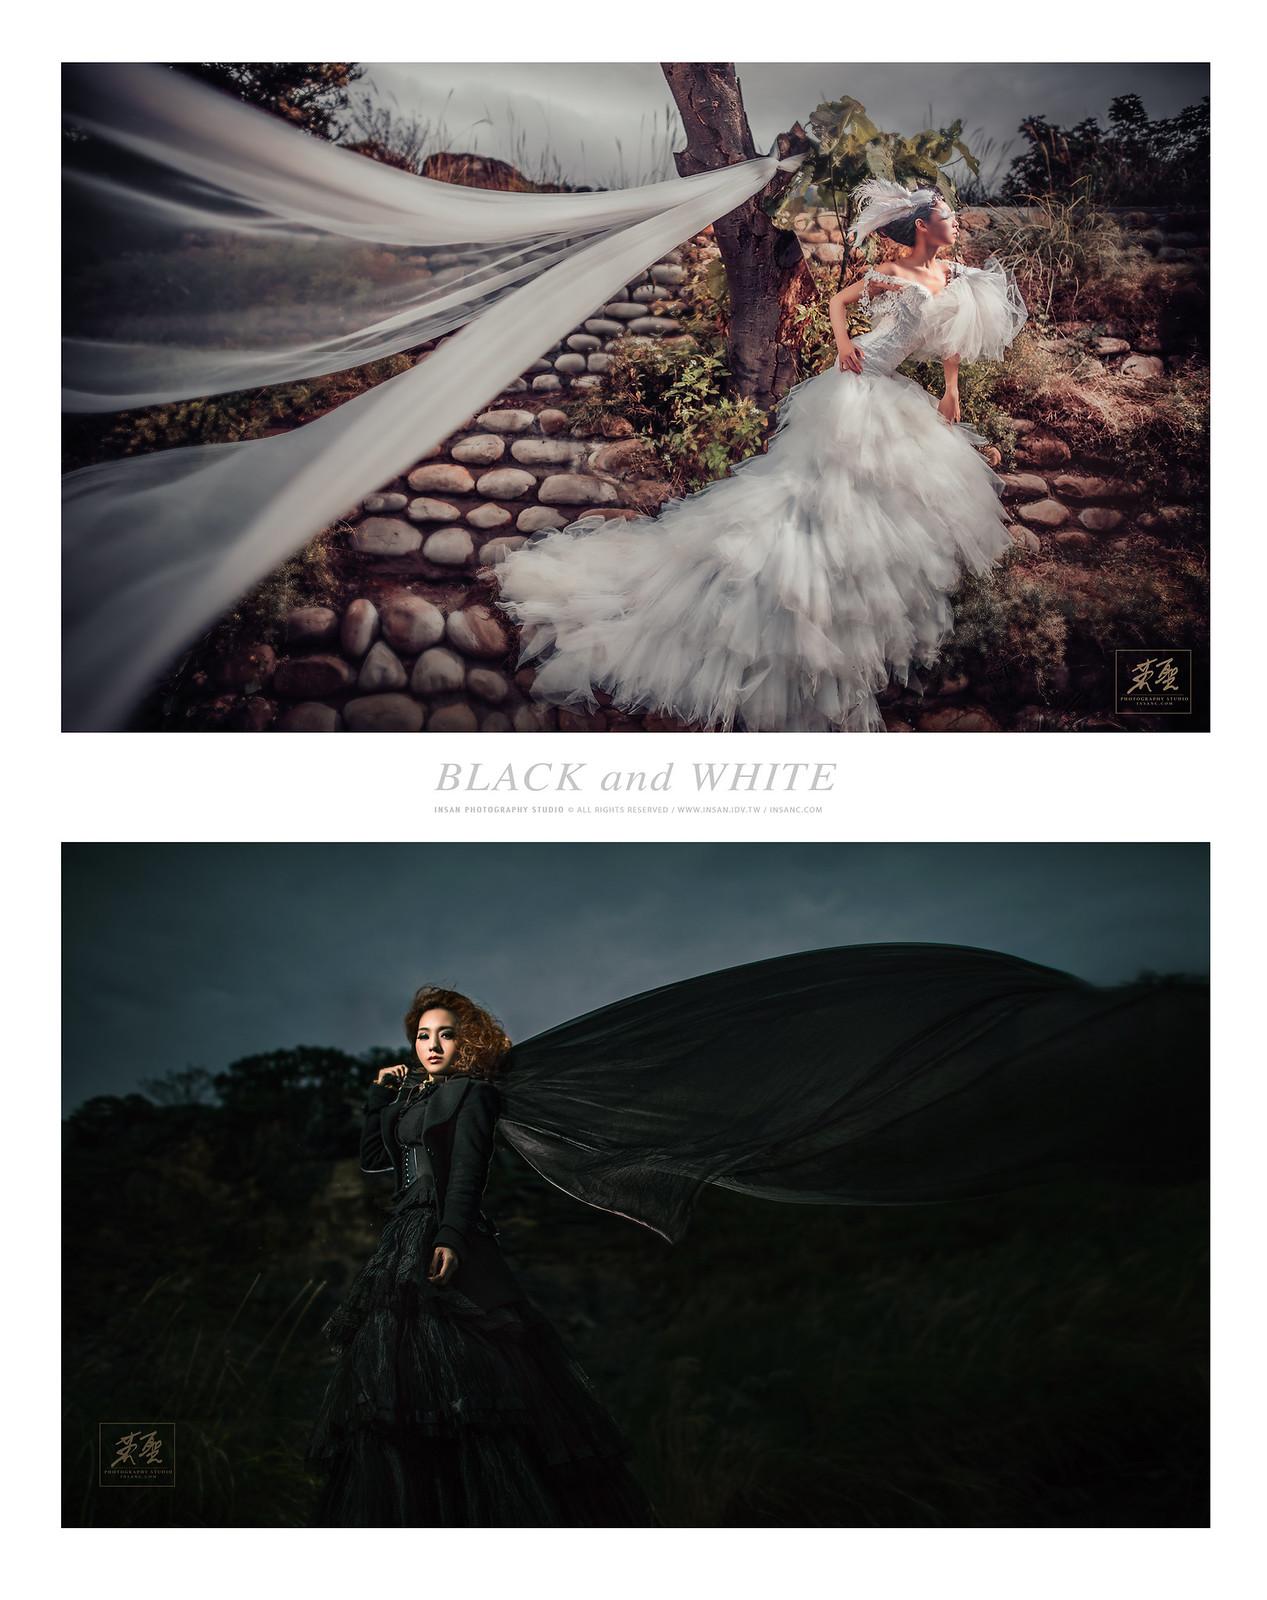 婚攝英聖婚紗創作黑與白創作1